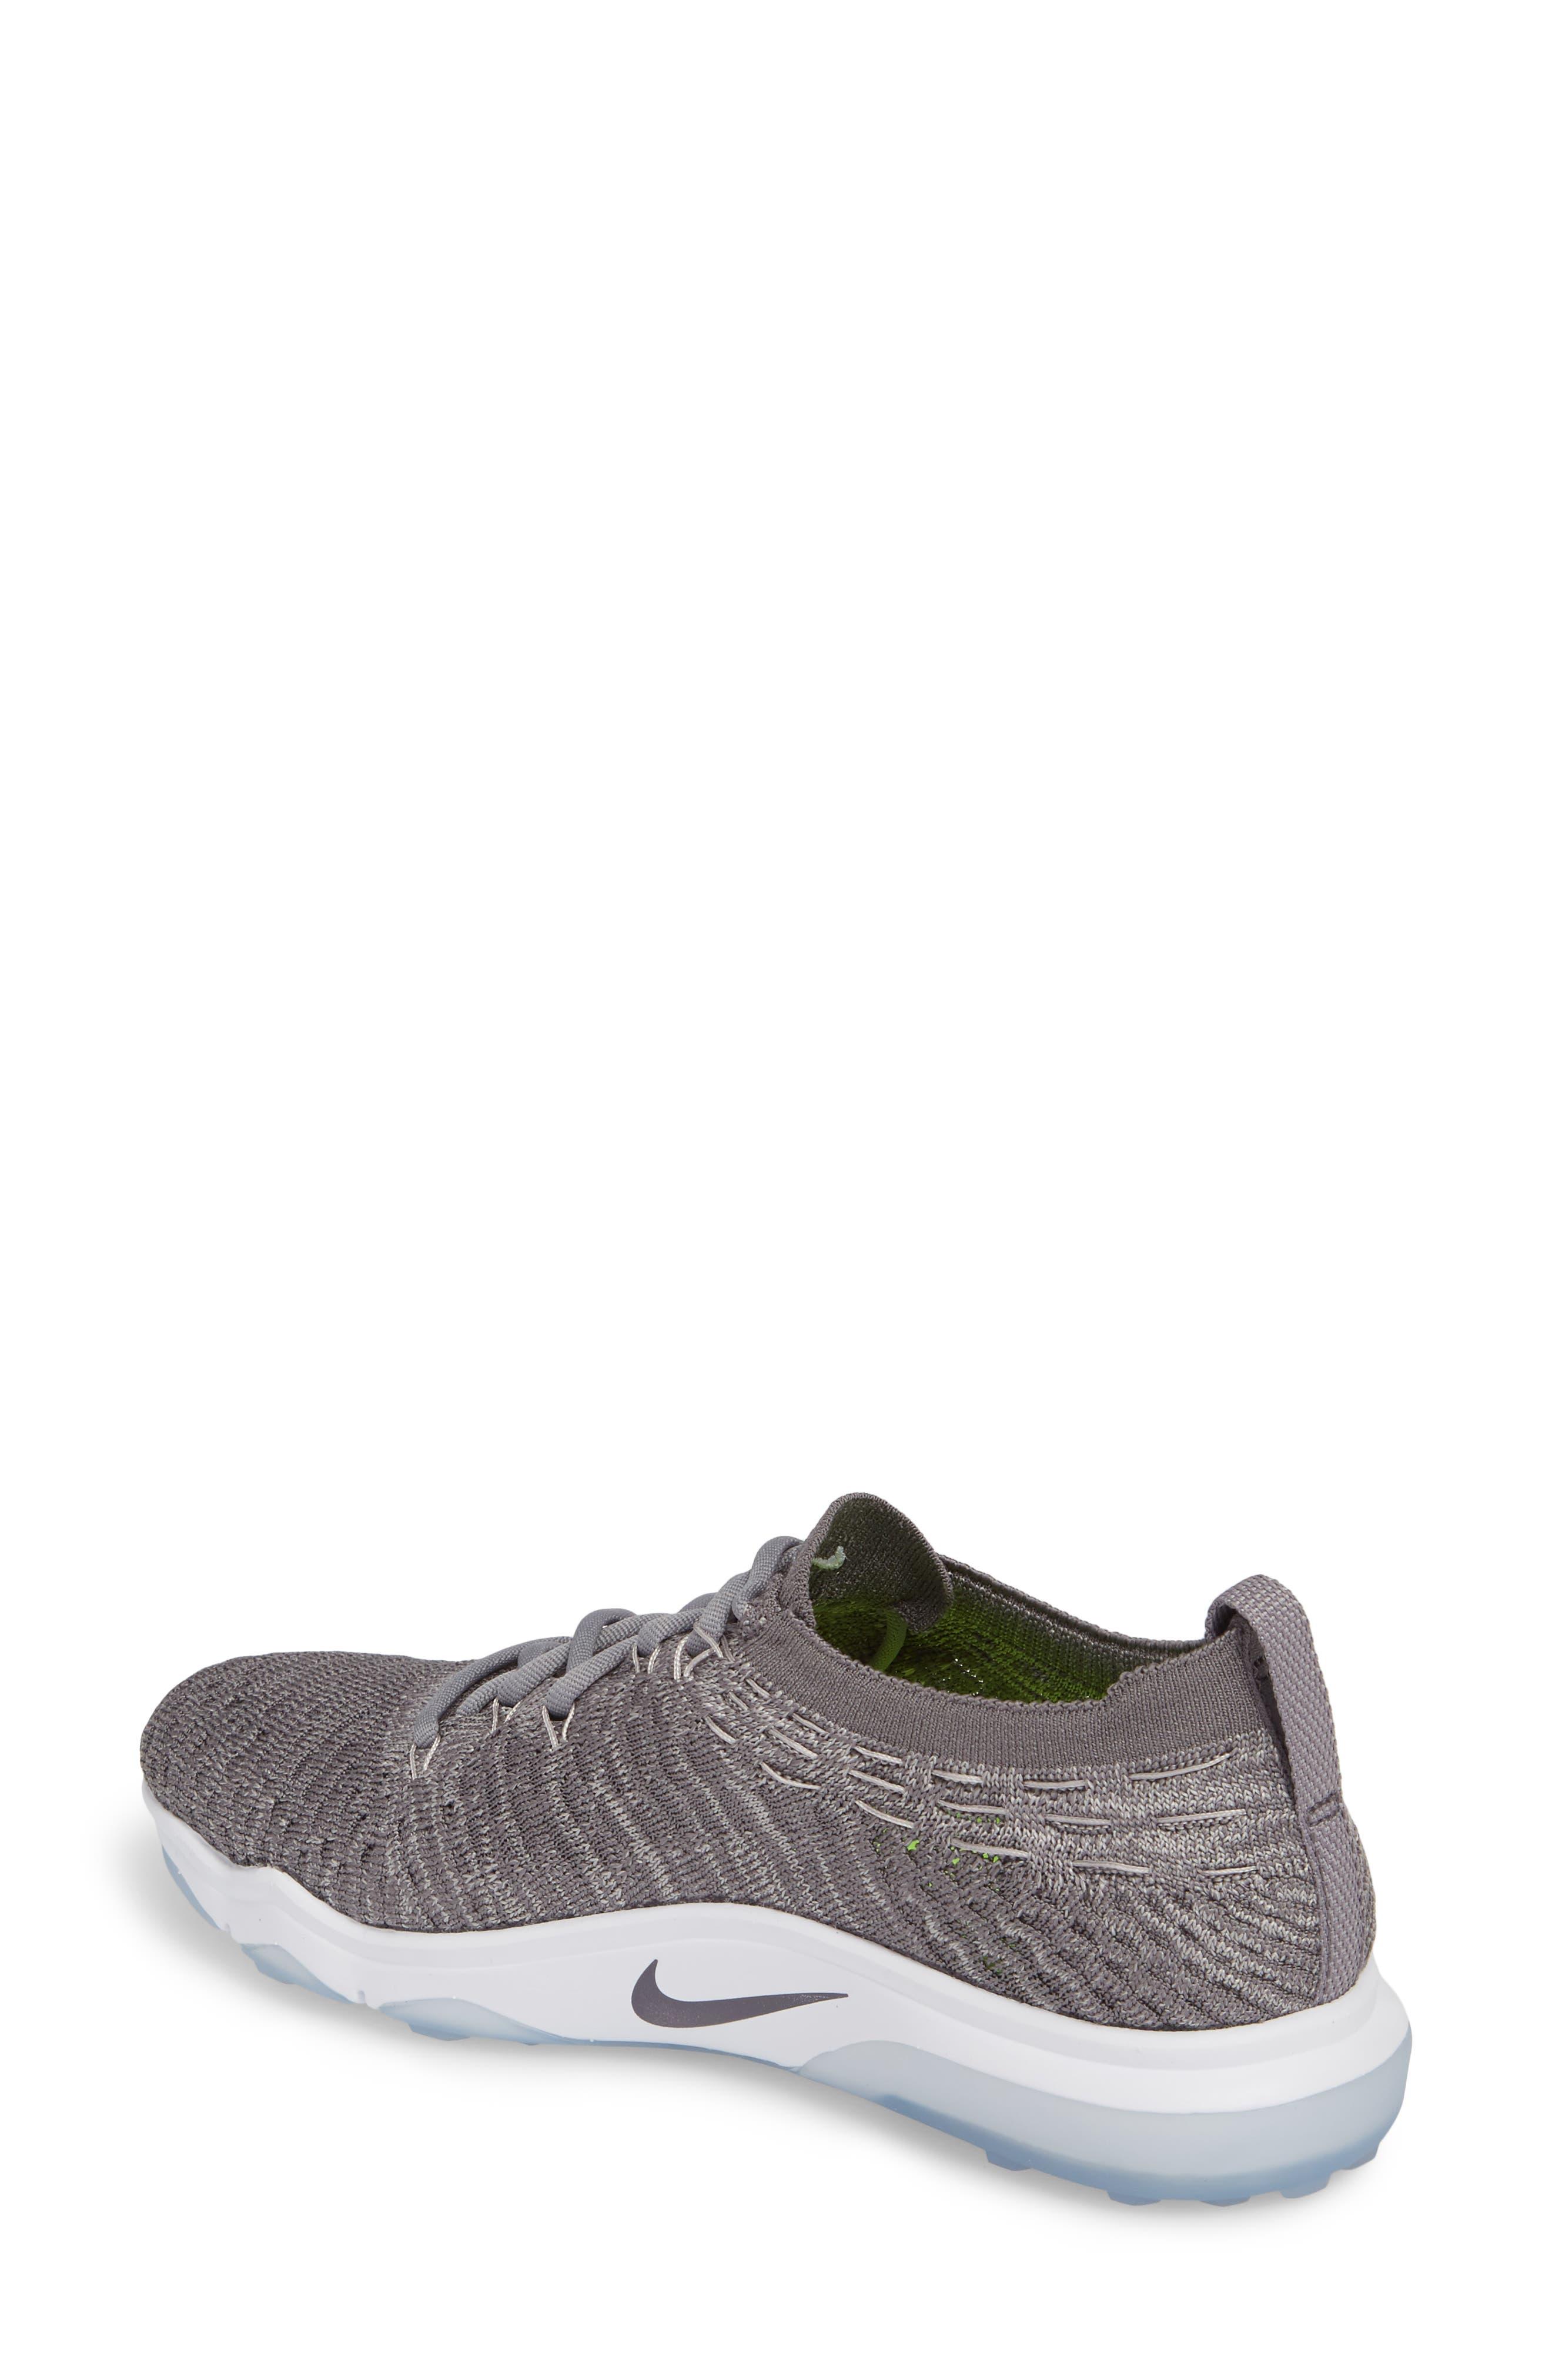 Alternate Image 2  - Nike Air Zoom Fearless Flyknit Lux Training Shoe (Women)